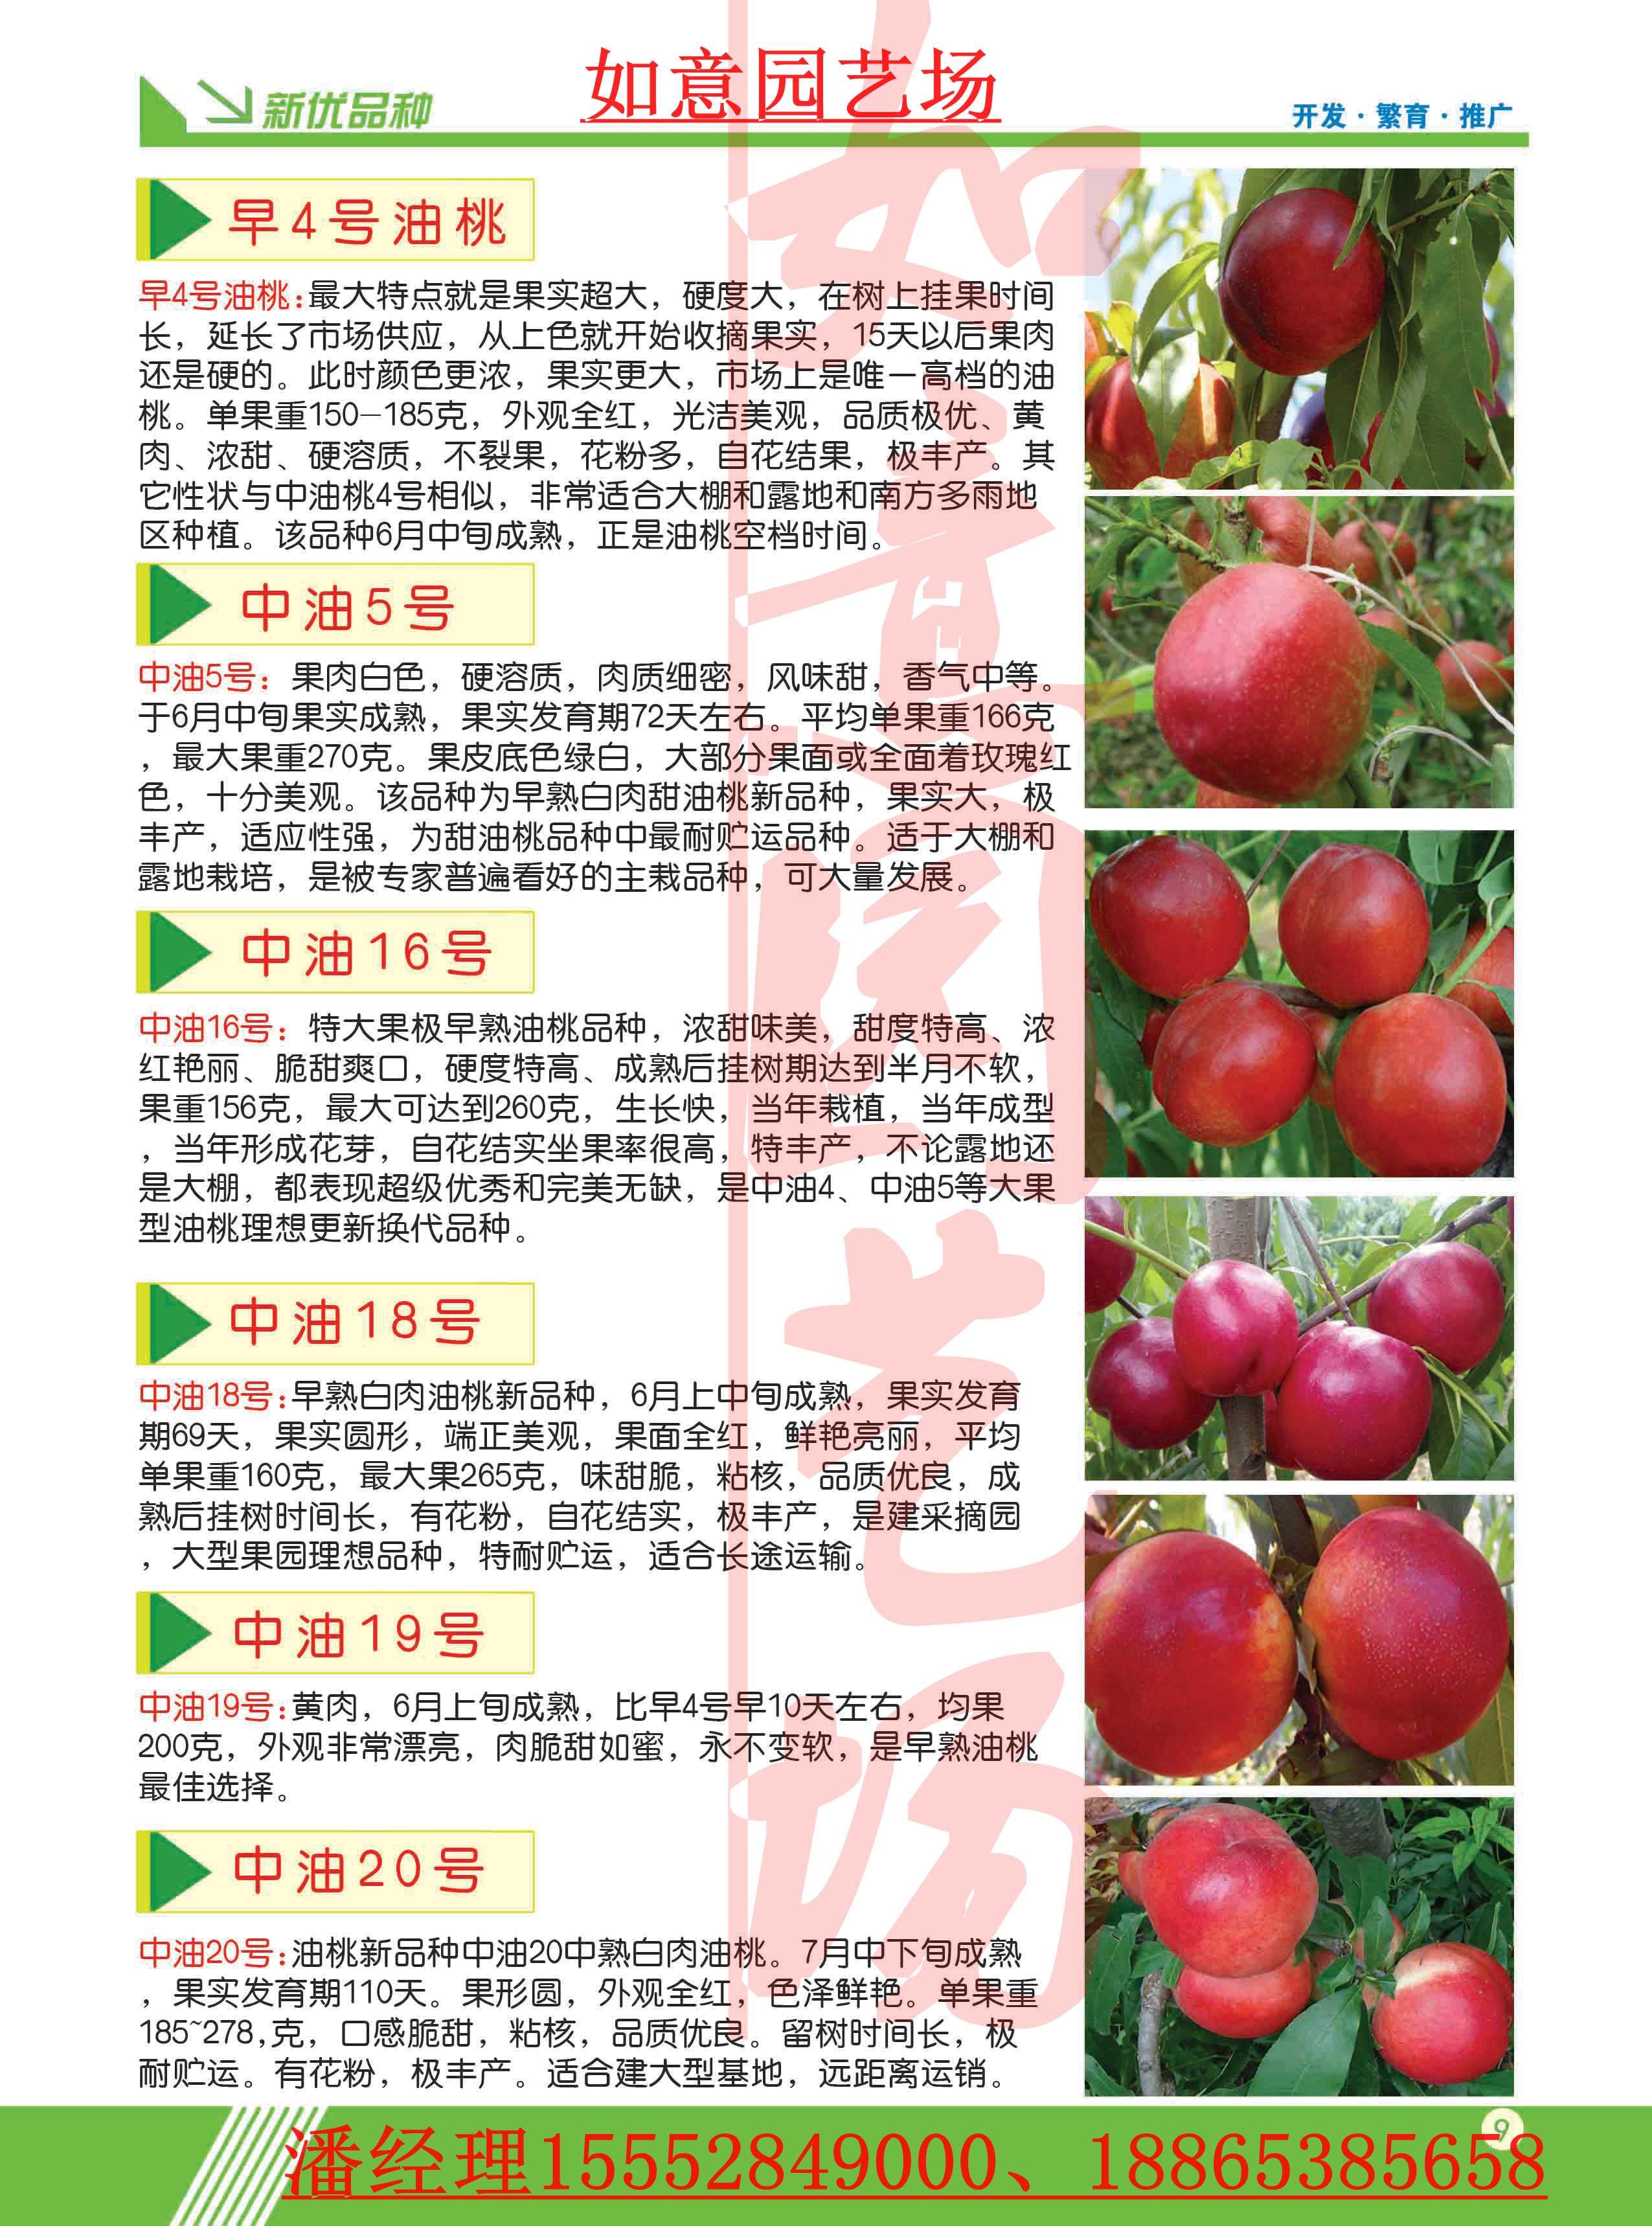 四川齐鲁巨红桃苗